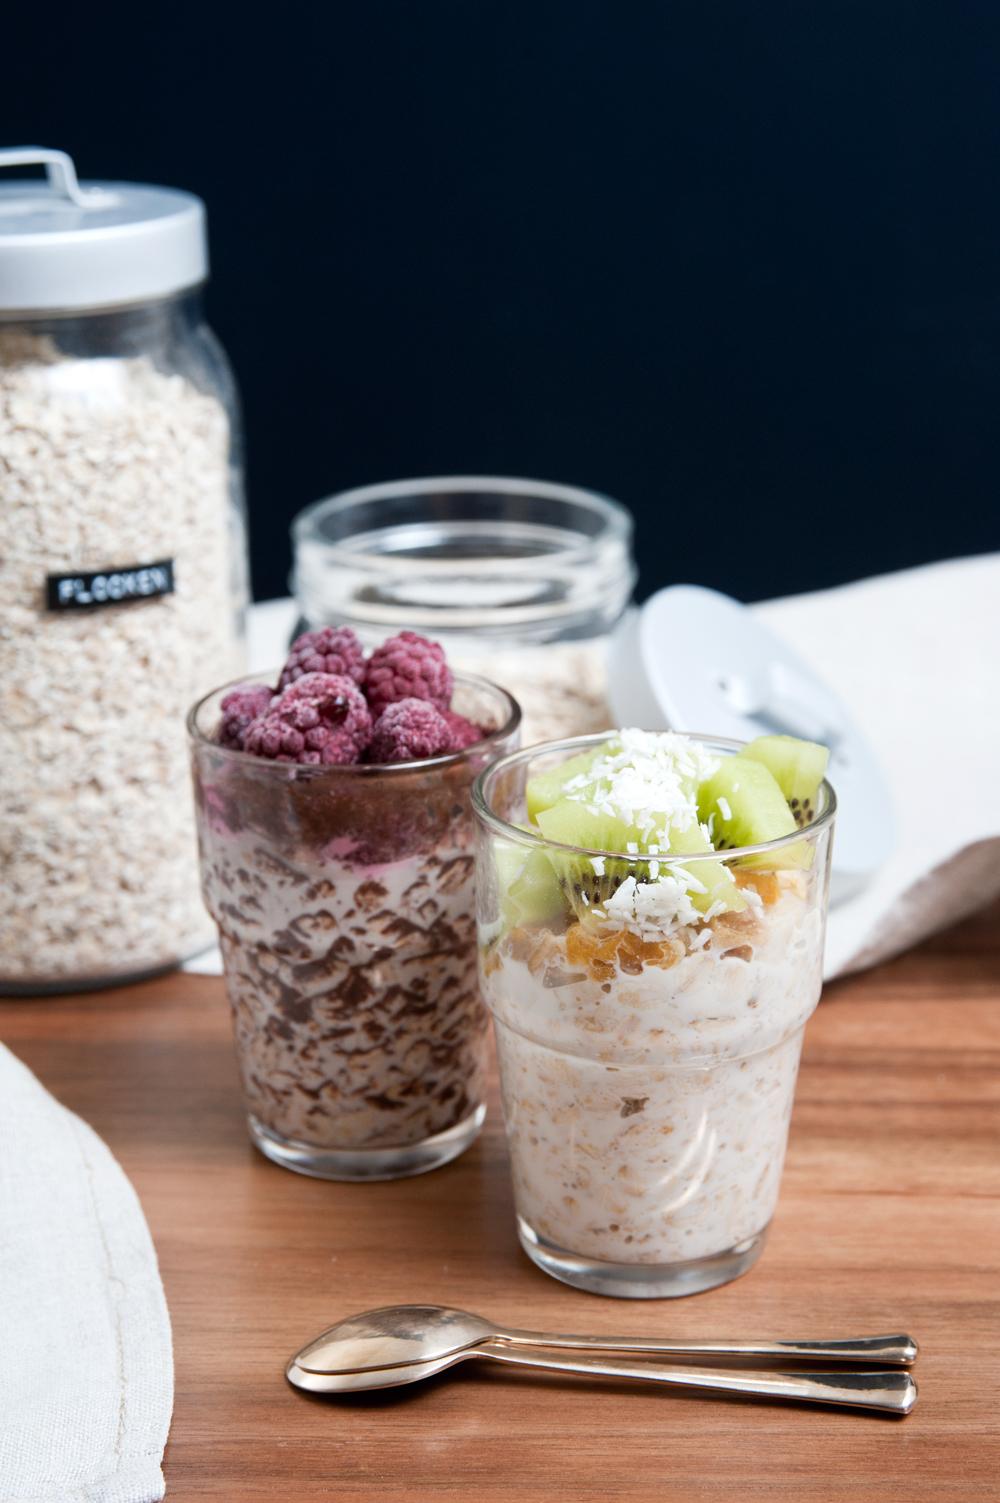 Gesunde und leckere Rezepte mit Haferflocken aus der Kunstmühle Hofmeir